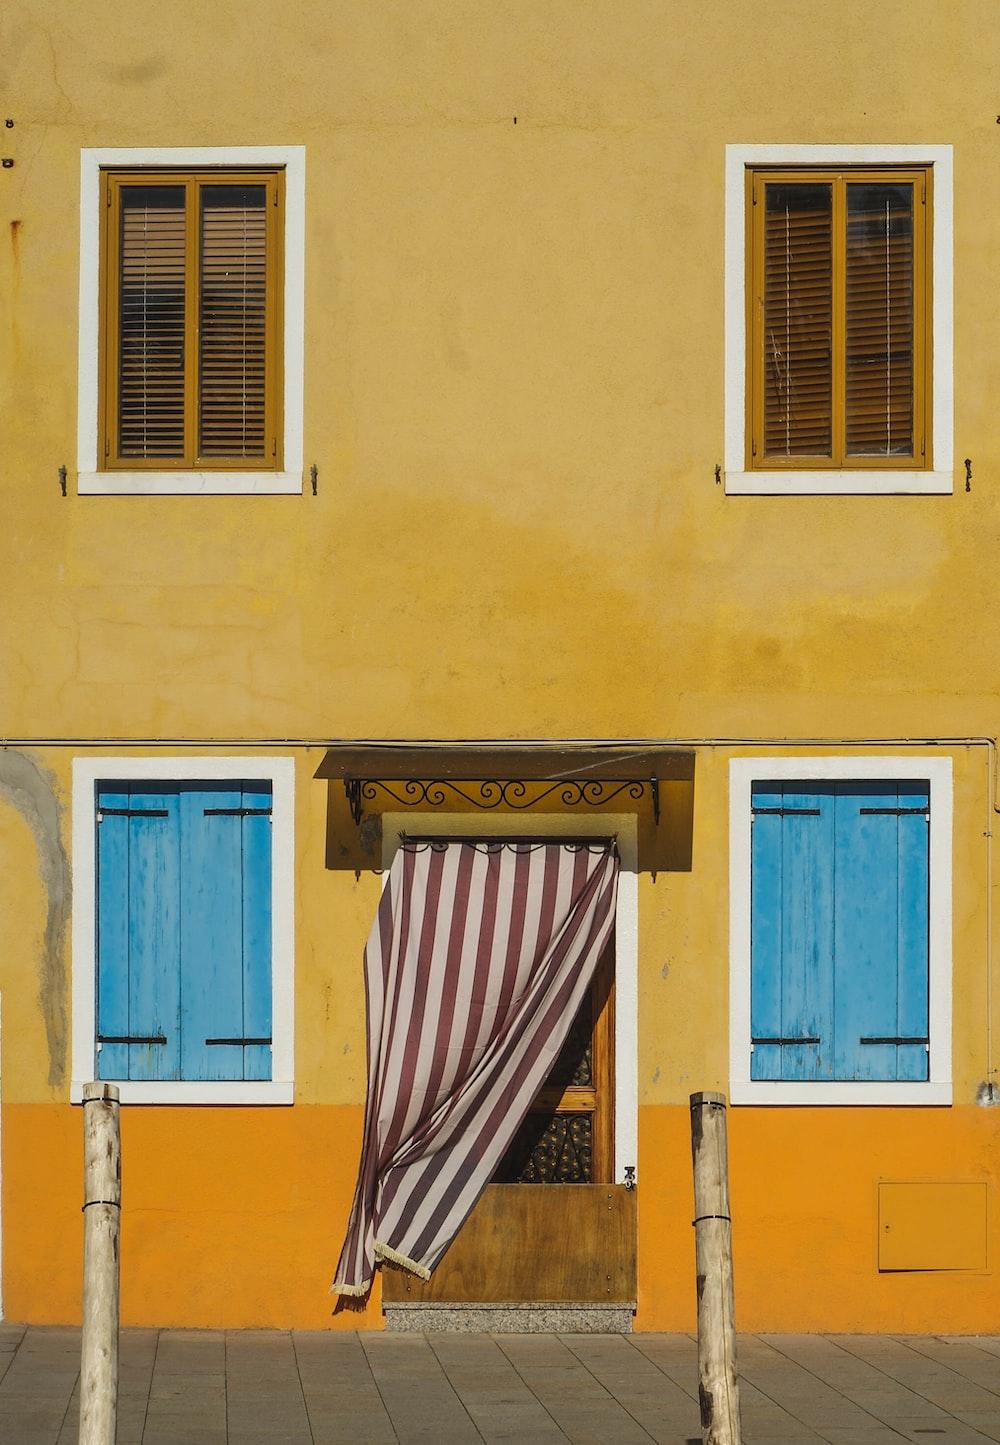 blue wooden door on yellow concrete building